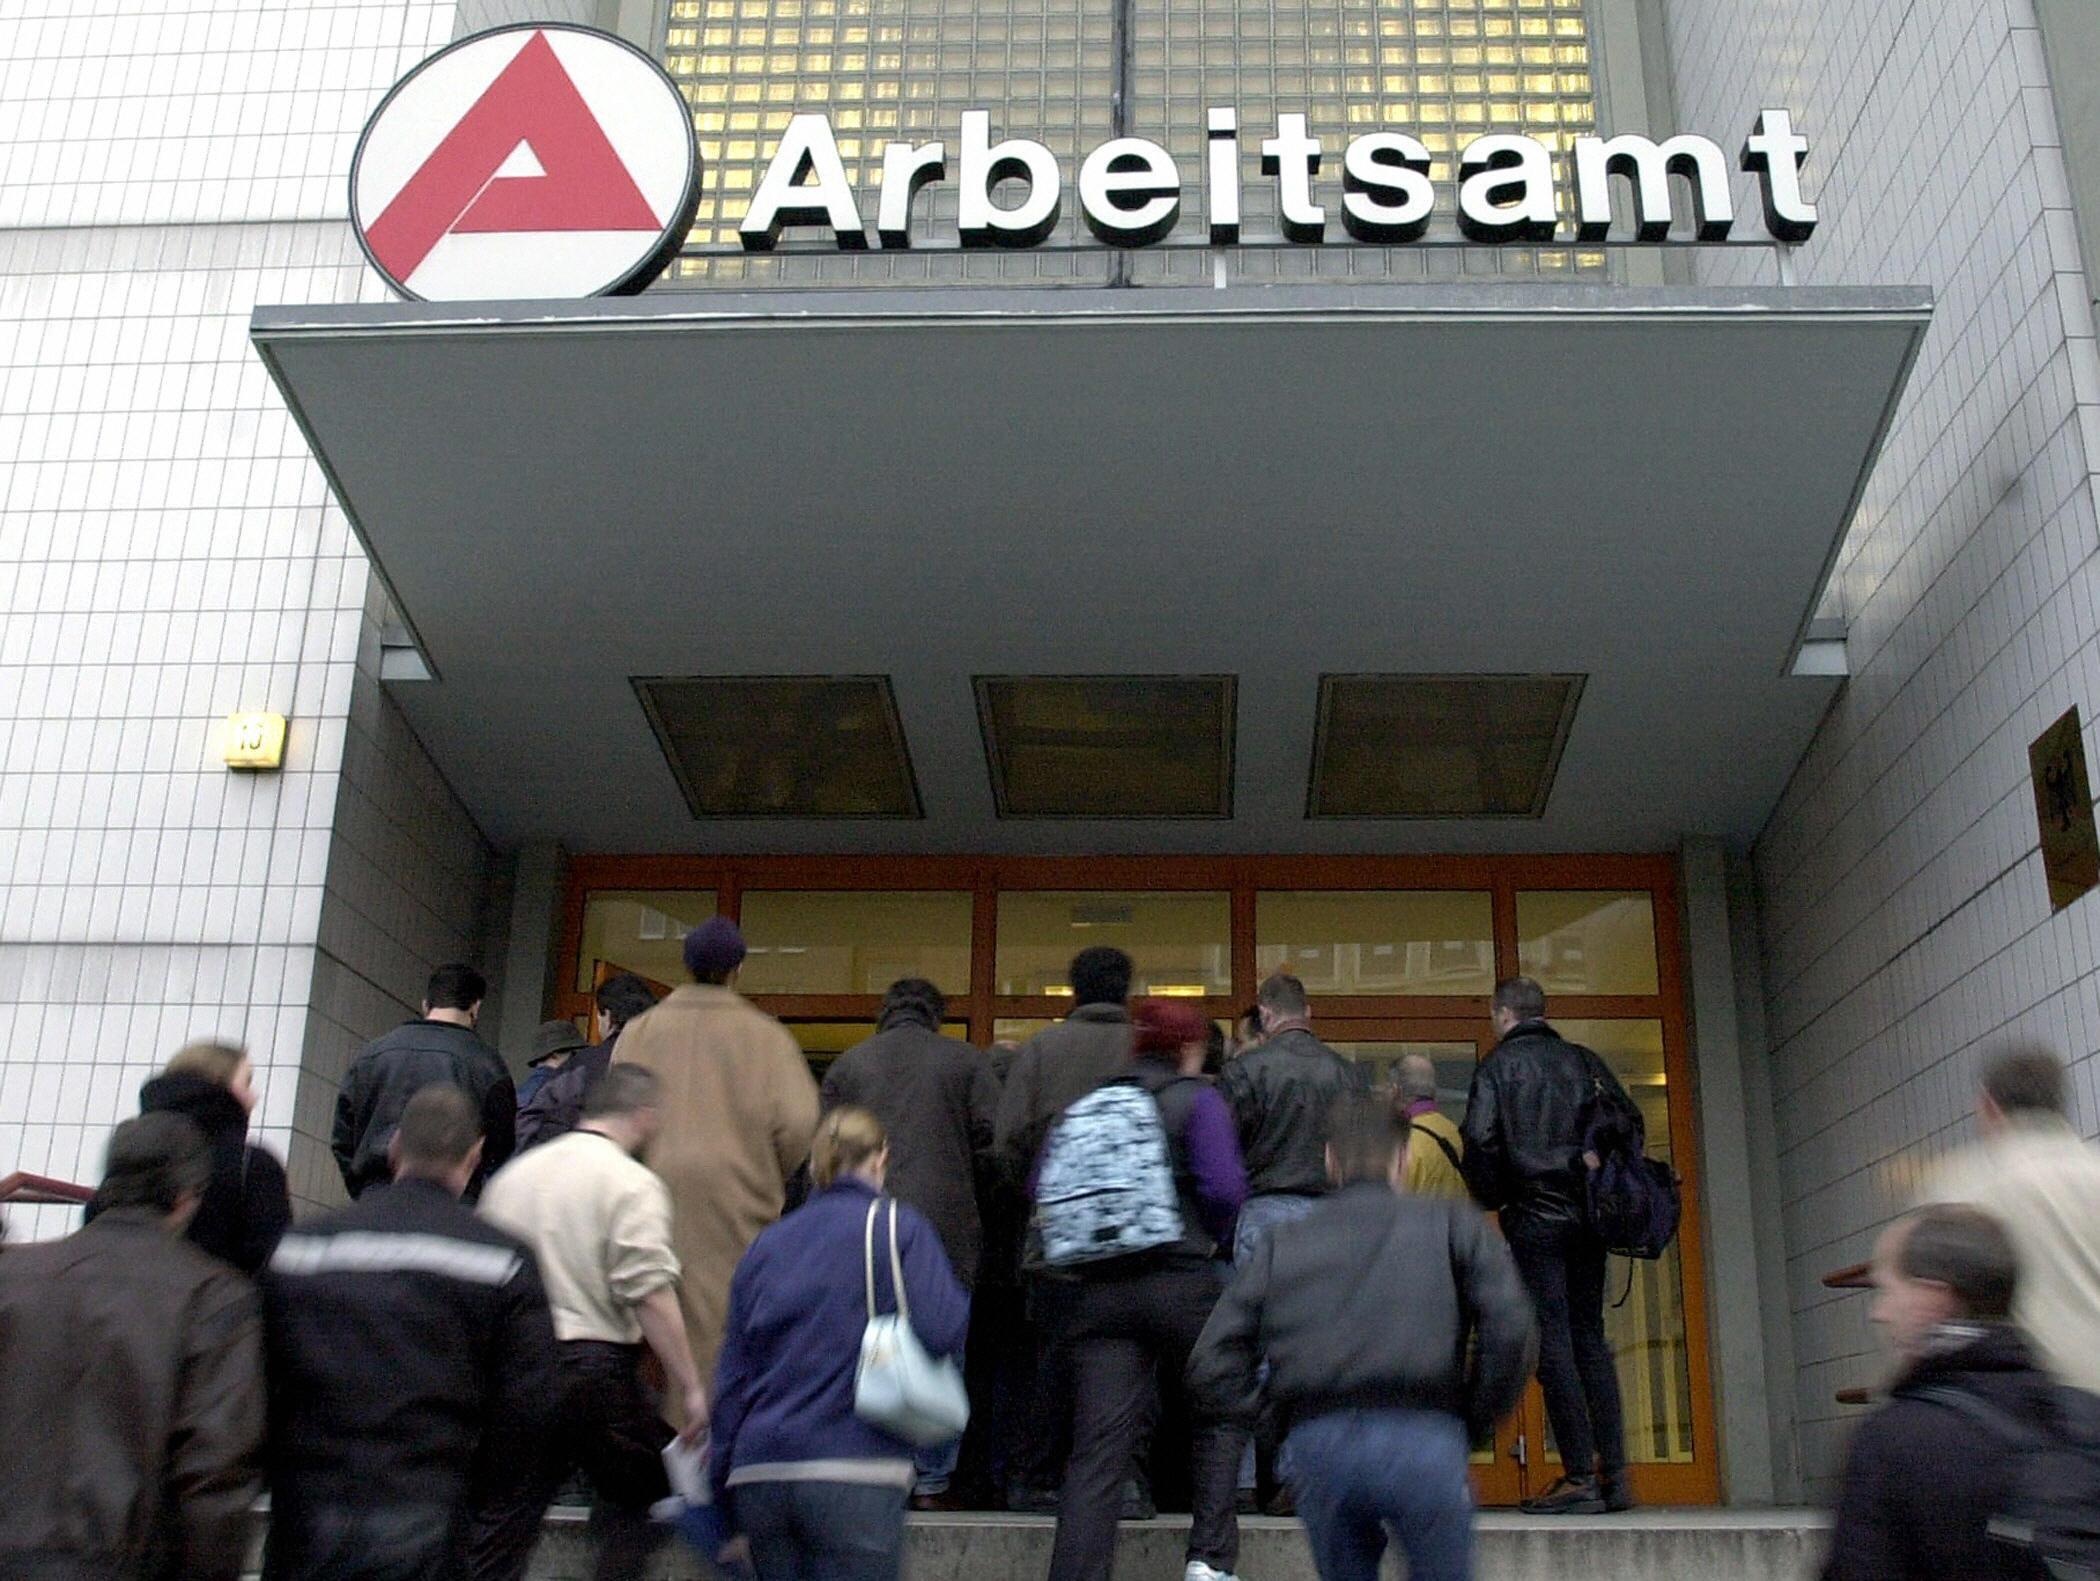 Statt 3 Millionen Arbeitslose über 7 Millionen in Deutschland